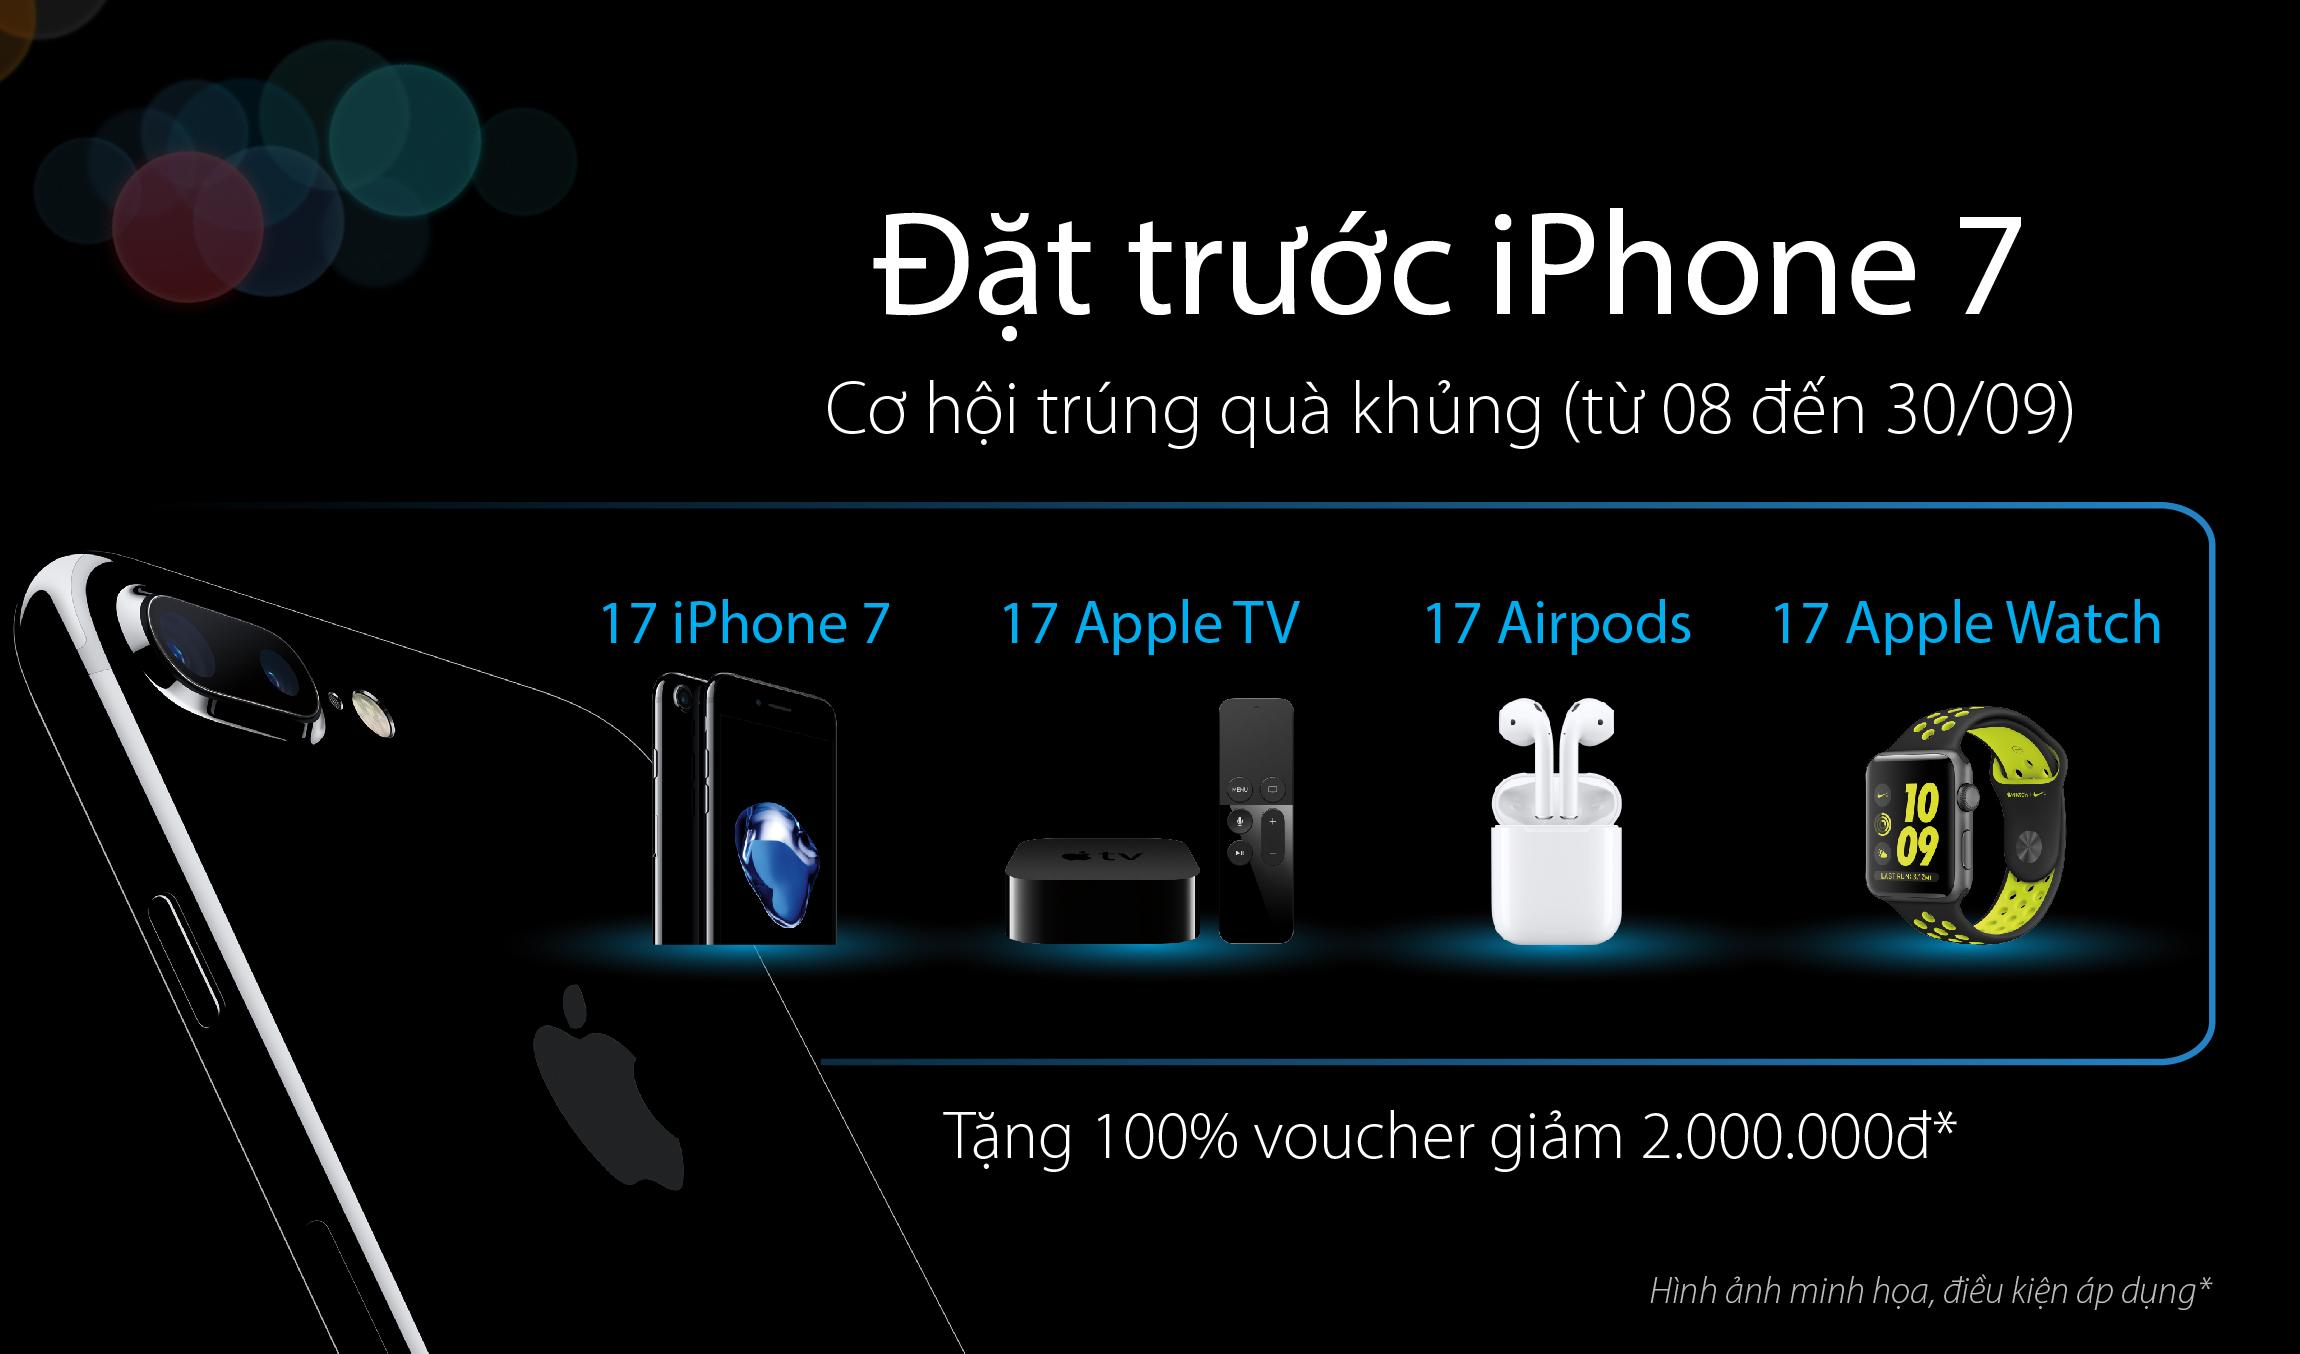 dat-truoc-iphone-vta